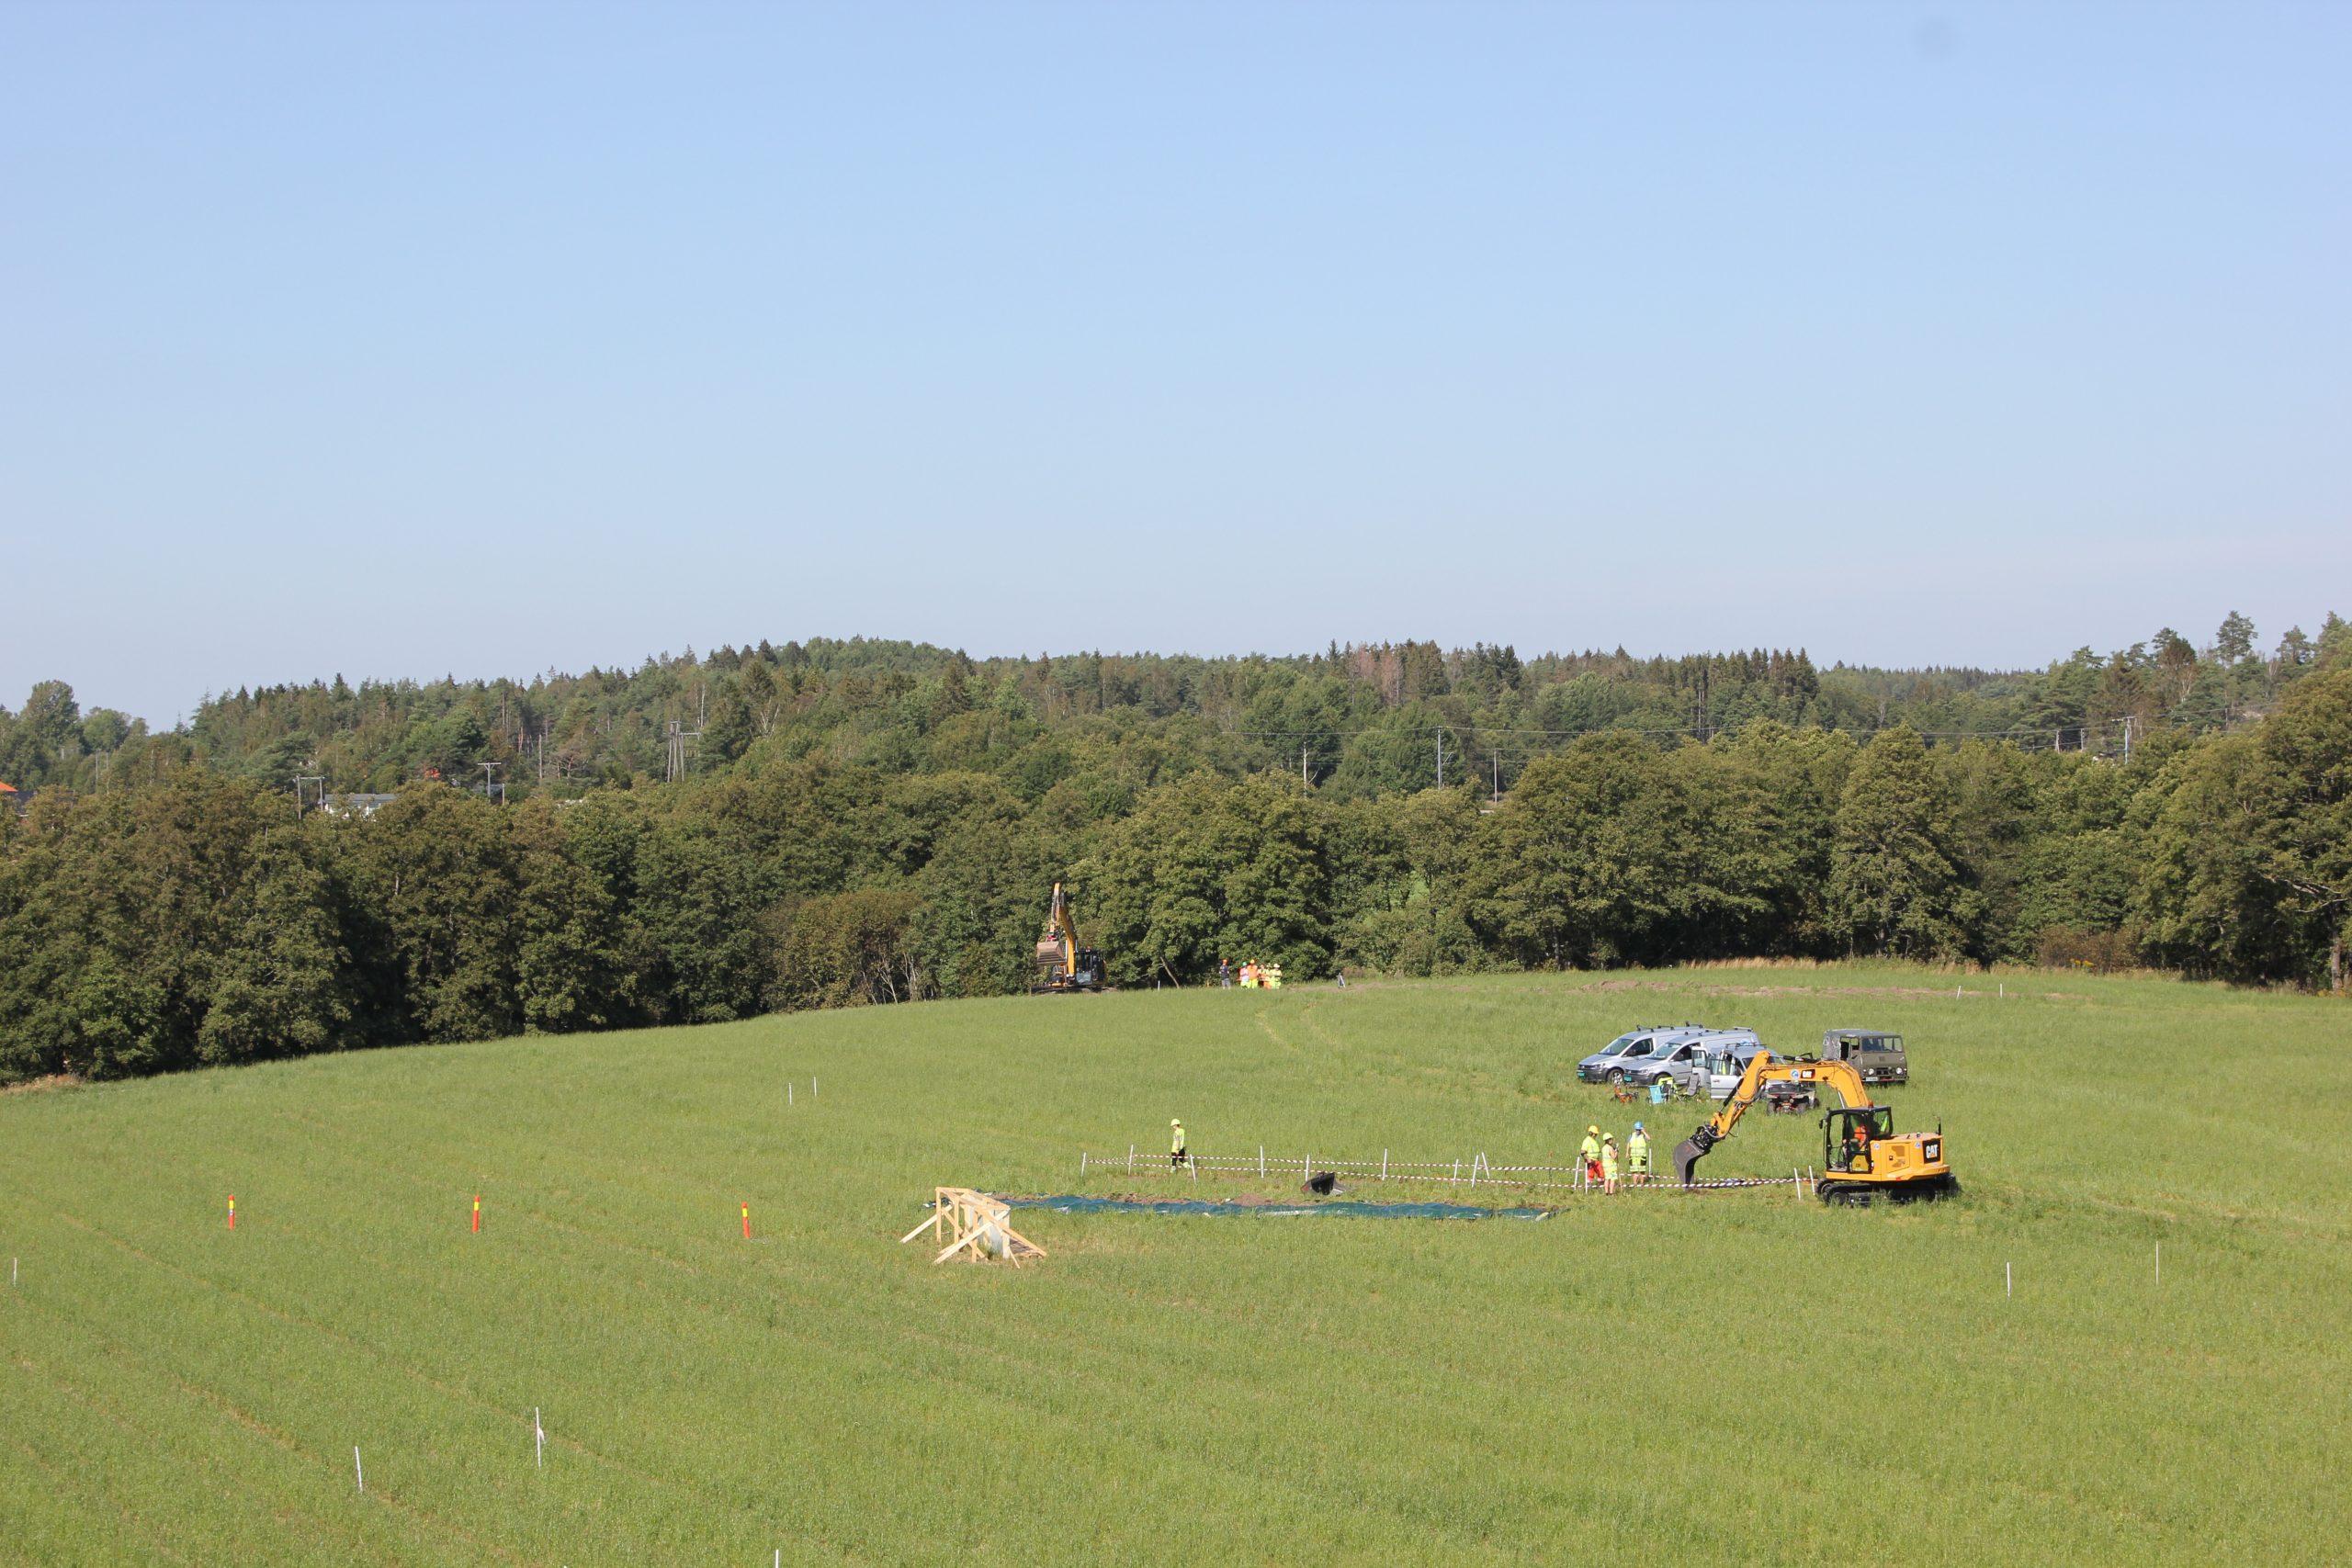 DArkeologar fann rester av eit vikingskip på Gjellestad i Østfold.